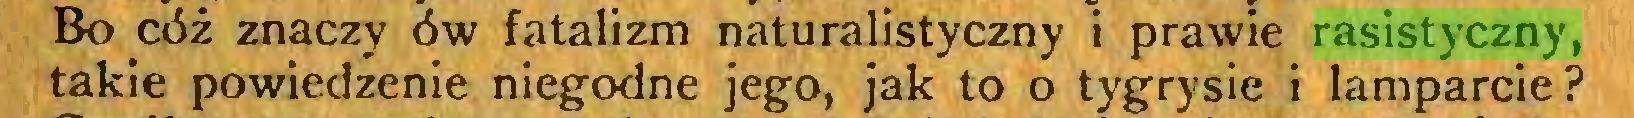 (...) Bo cóż znaczy ów fatalizm naturalistyczny i prawie rasistyczny, takie powiedzenie niegodne jego, jak to o tygrysie i lamparcie?...